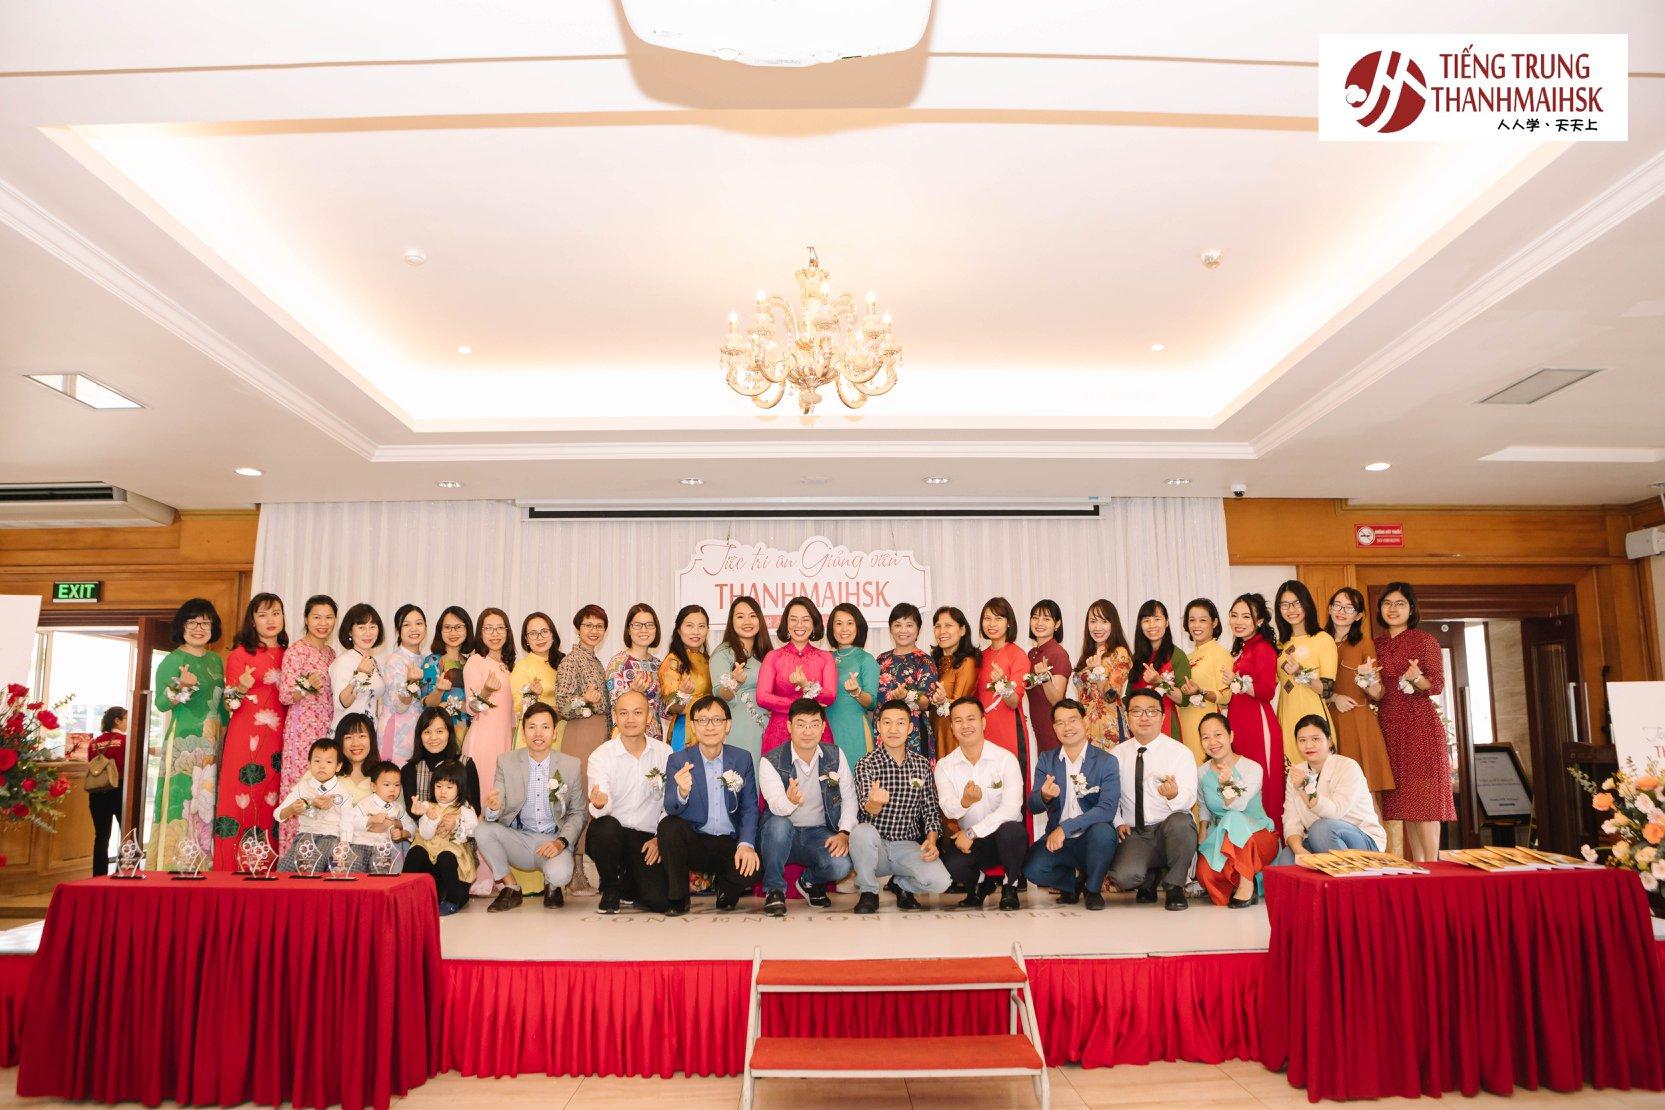 Hình ảnh Top 15 trung tâm tiếng Trung ở Hà Nội tốt hiện nay 1